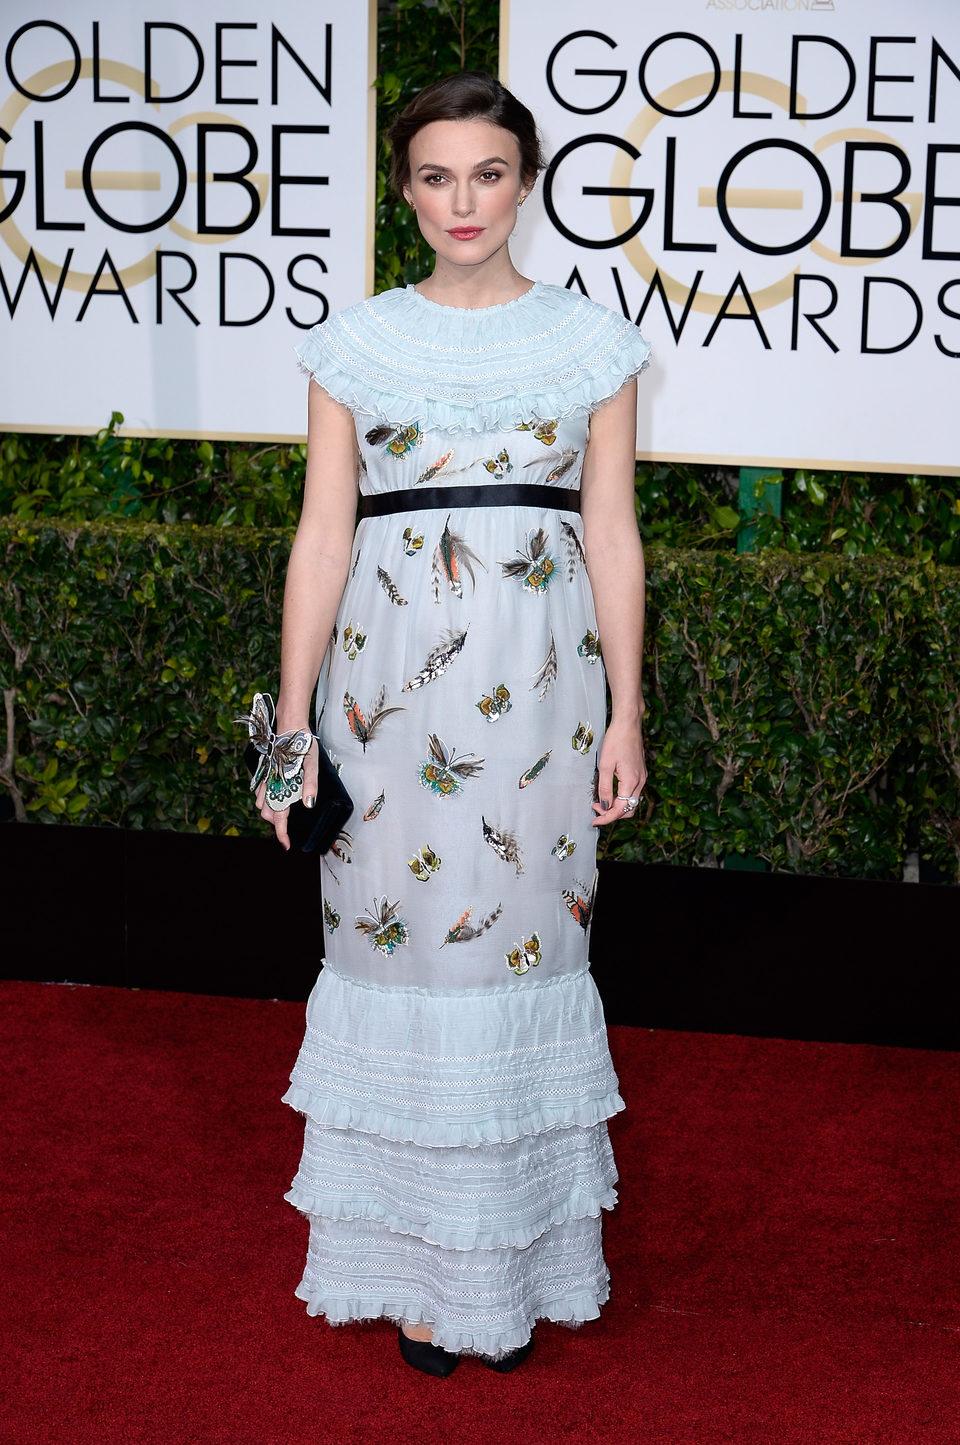 Keira Knightley en la alfombra roja de los Globos de Oro 2015